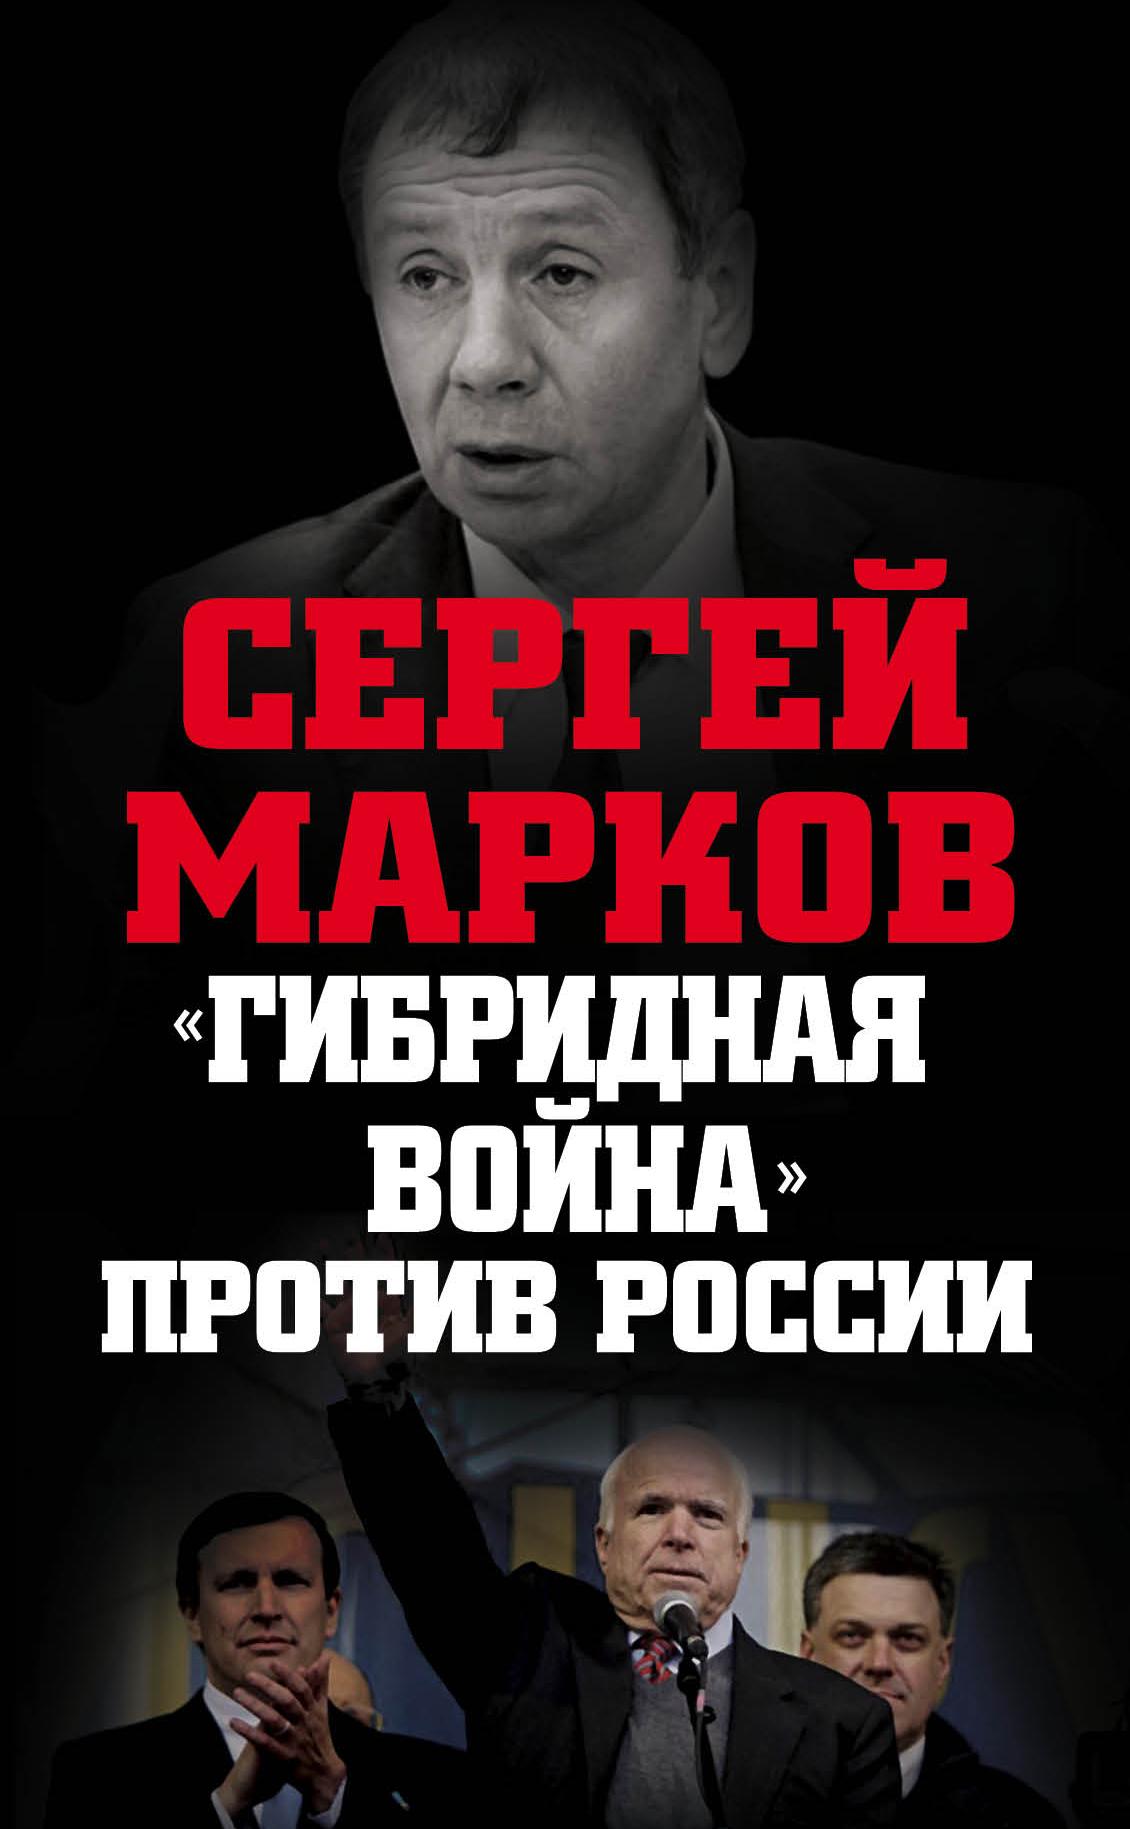 Сергей Александрович Марков «Гибридная война» против России